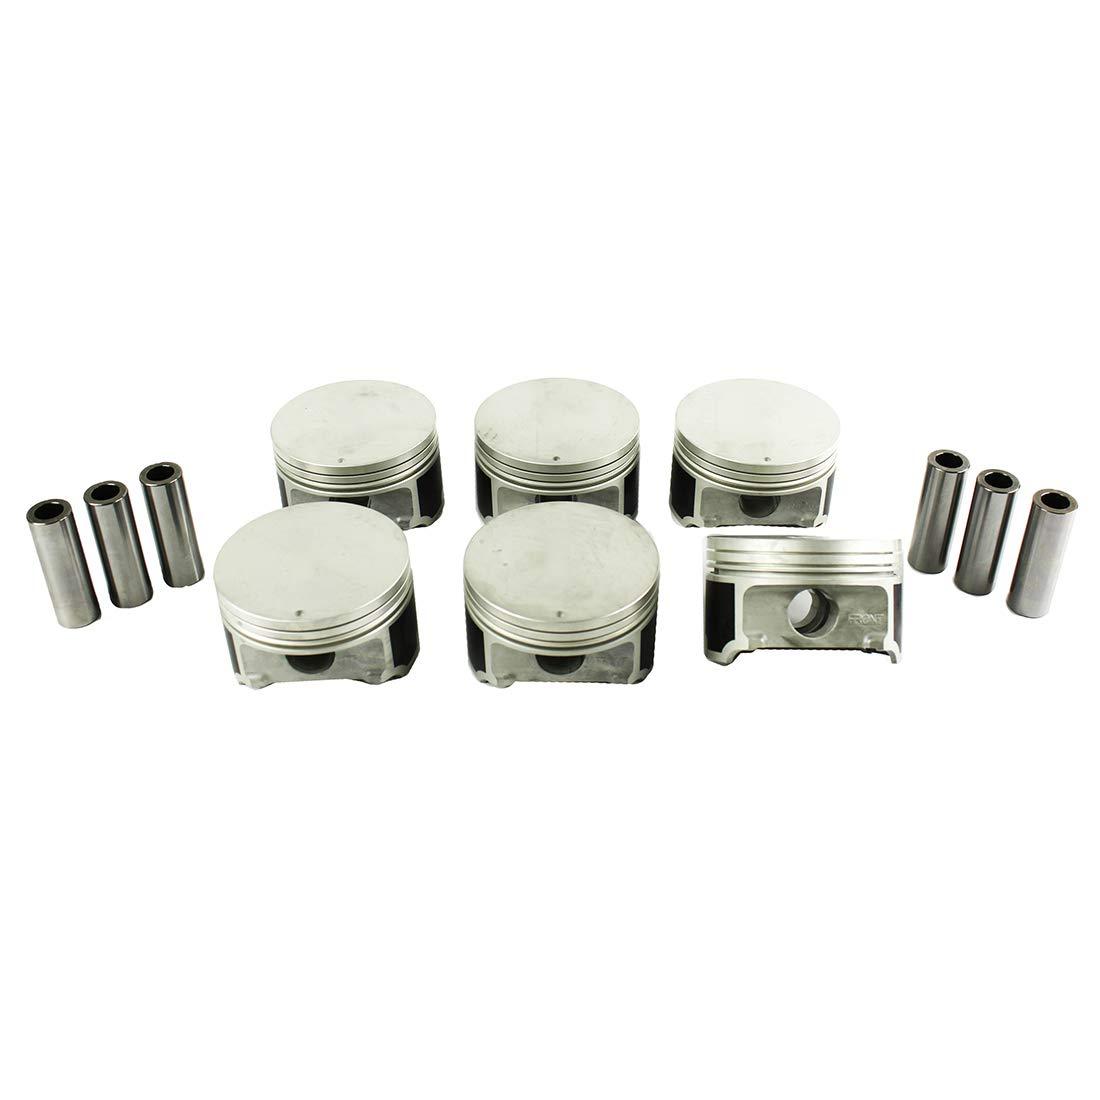 DNJ PR4132.30 Oversize Piston Ring Set For 01-11 Ford Rover Explorer 4.0L SOHC